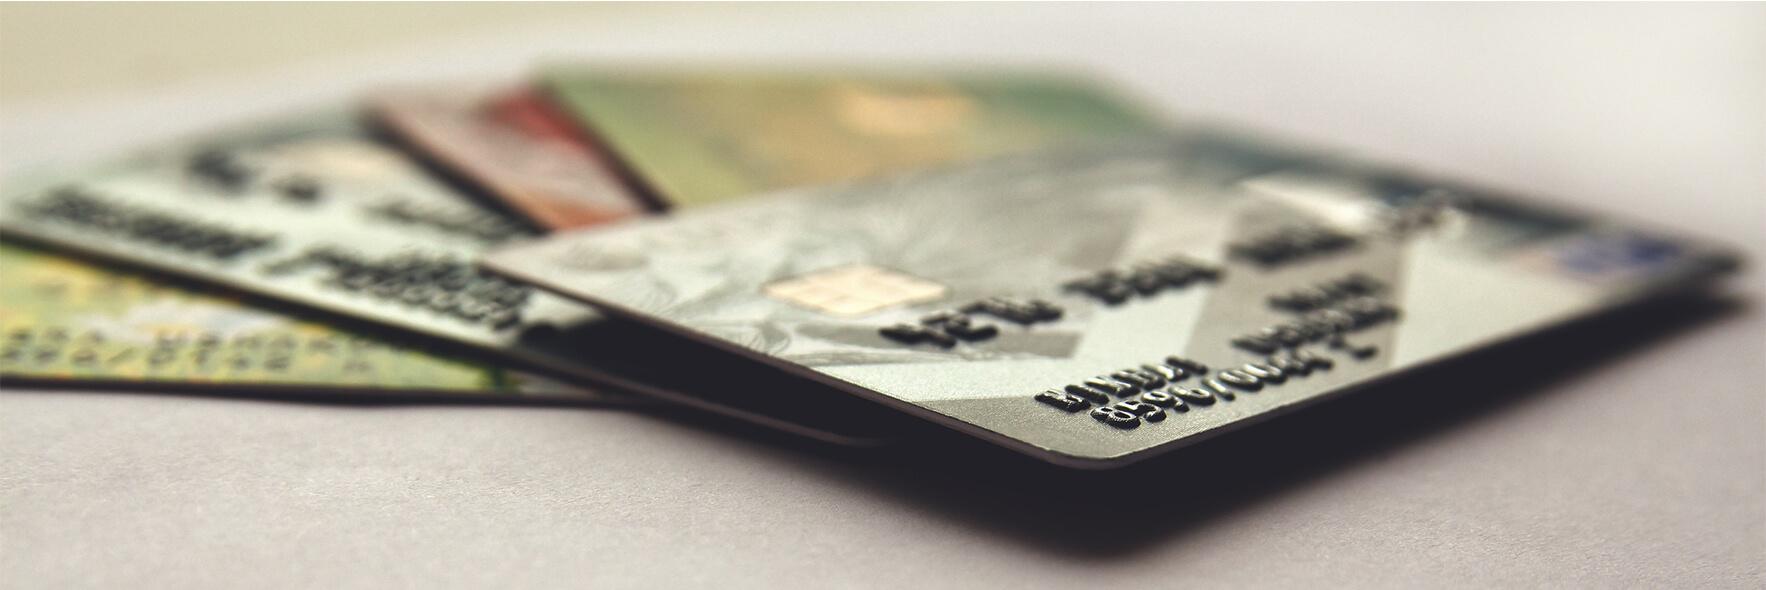 ratgeber mit kreditkarte bei otto bezahlen schritt f r. Black Bedroom Furniture Sets. Home Design Ideas